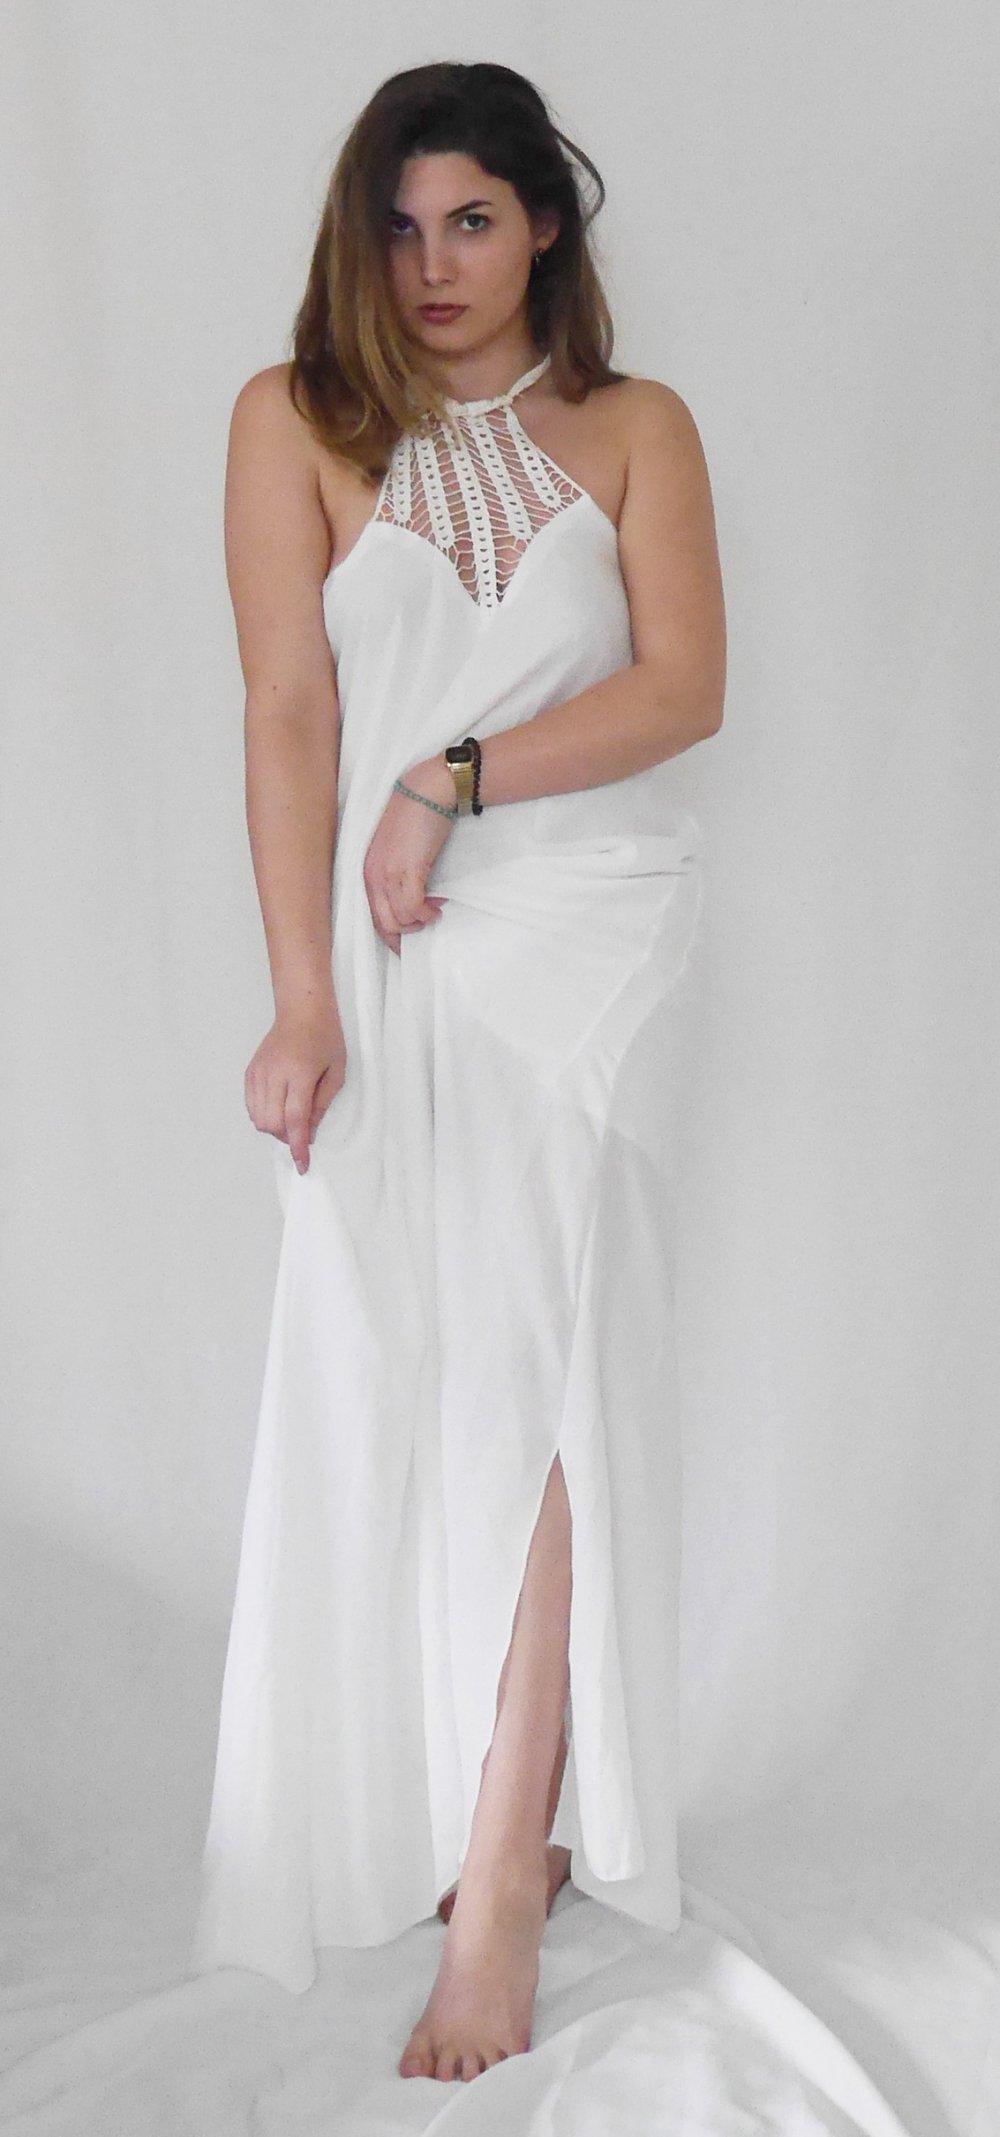 newest 6af4e 52e45 weißes langes Kleid mit Häkeleinsatz